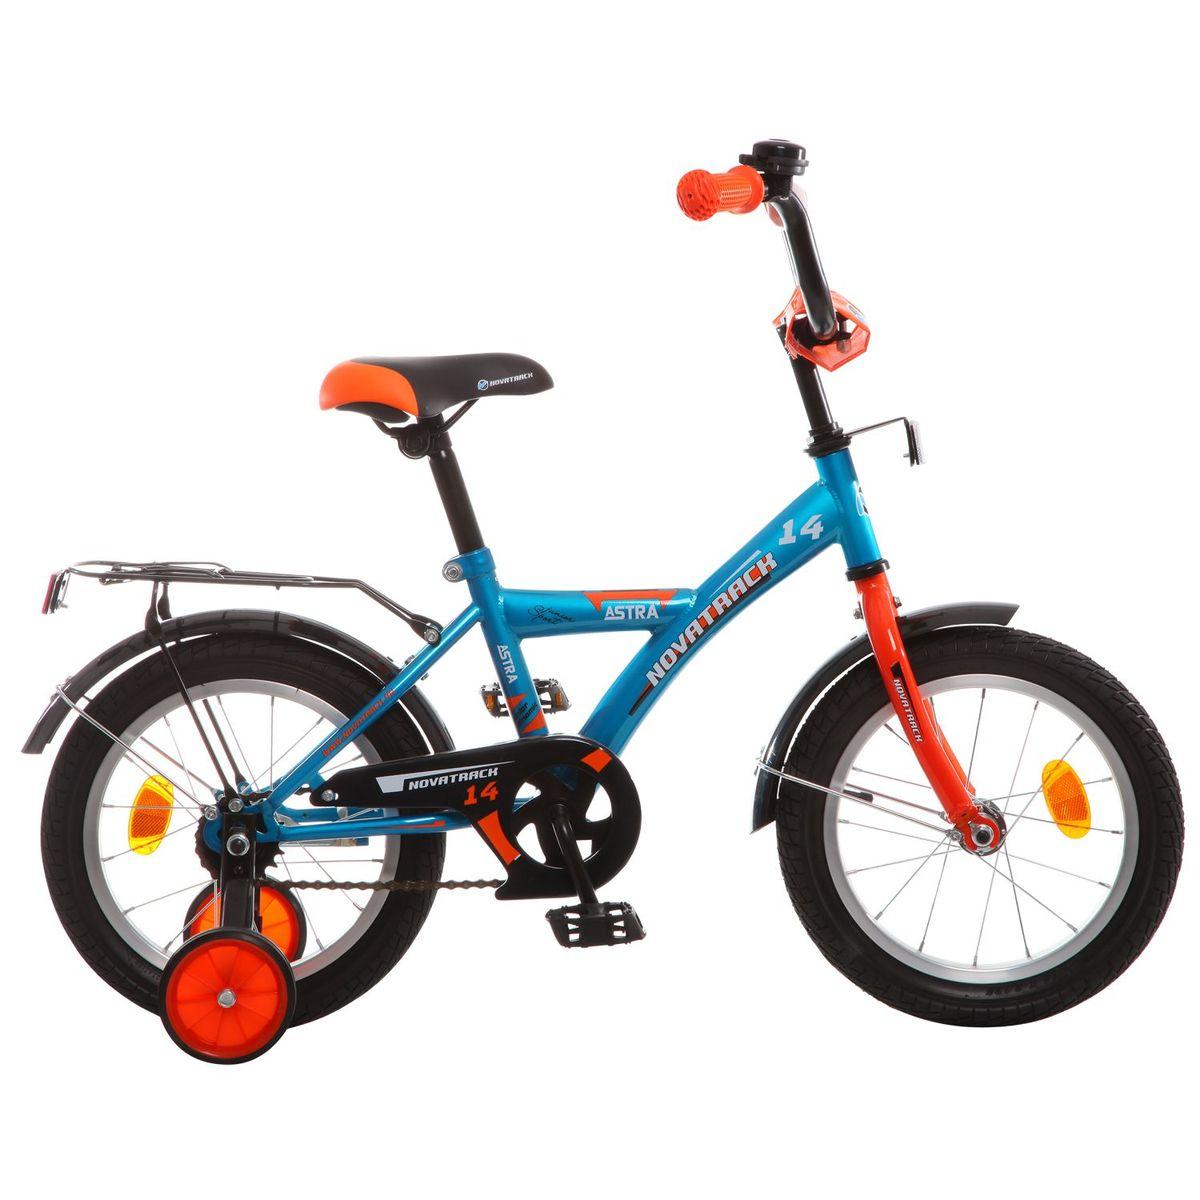 Велосипед детский Novatrack Astra 14, цвет: синий125ZEBRA.CLR5Хотите, чтобы ваш ребенок играя укреплял здоровье? Тогда ему нужен удобный и надежный велосипед Novatrack Astra 14'', рассчитанный на малышей 3-5 лет. Одного взгляда малыша хватит, чтобы раз и навсегда влюбиться в свой новенький двухколесный транспорт, который в принципе, сначала можно назвать и четырехколесным. Дополнительную устойчивость железному «коню» обеспечивают два маленьких съемных колеса в цвет велосипеда. Astra собрана на базе рамы с универсальной геометрией, которая позволяет легко взобраться или слезть с велосипеда, при этом он имеет такой вес, что маленький ребенок сам легко справляется со своим транспортным средством. Так как велосипед предназначен для самых маленьких, предусмотрен ограничитель поворота руля, который не позволит сильно завернуть руль и упасть. Еще один элемент безопасности – это защита цепи, которая оберегает одежду и ноги малыша от попадания в механизм. Стильные крылья защитят от грязи и брызг, а на багажнике ребенок сможет перевозить массу полезных в дороге вещей. Данная модель маневренна и легко управляется, поэтому ребенку будет несложно и интересно учиться езде.